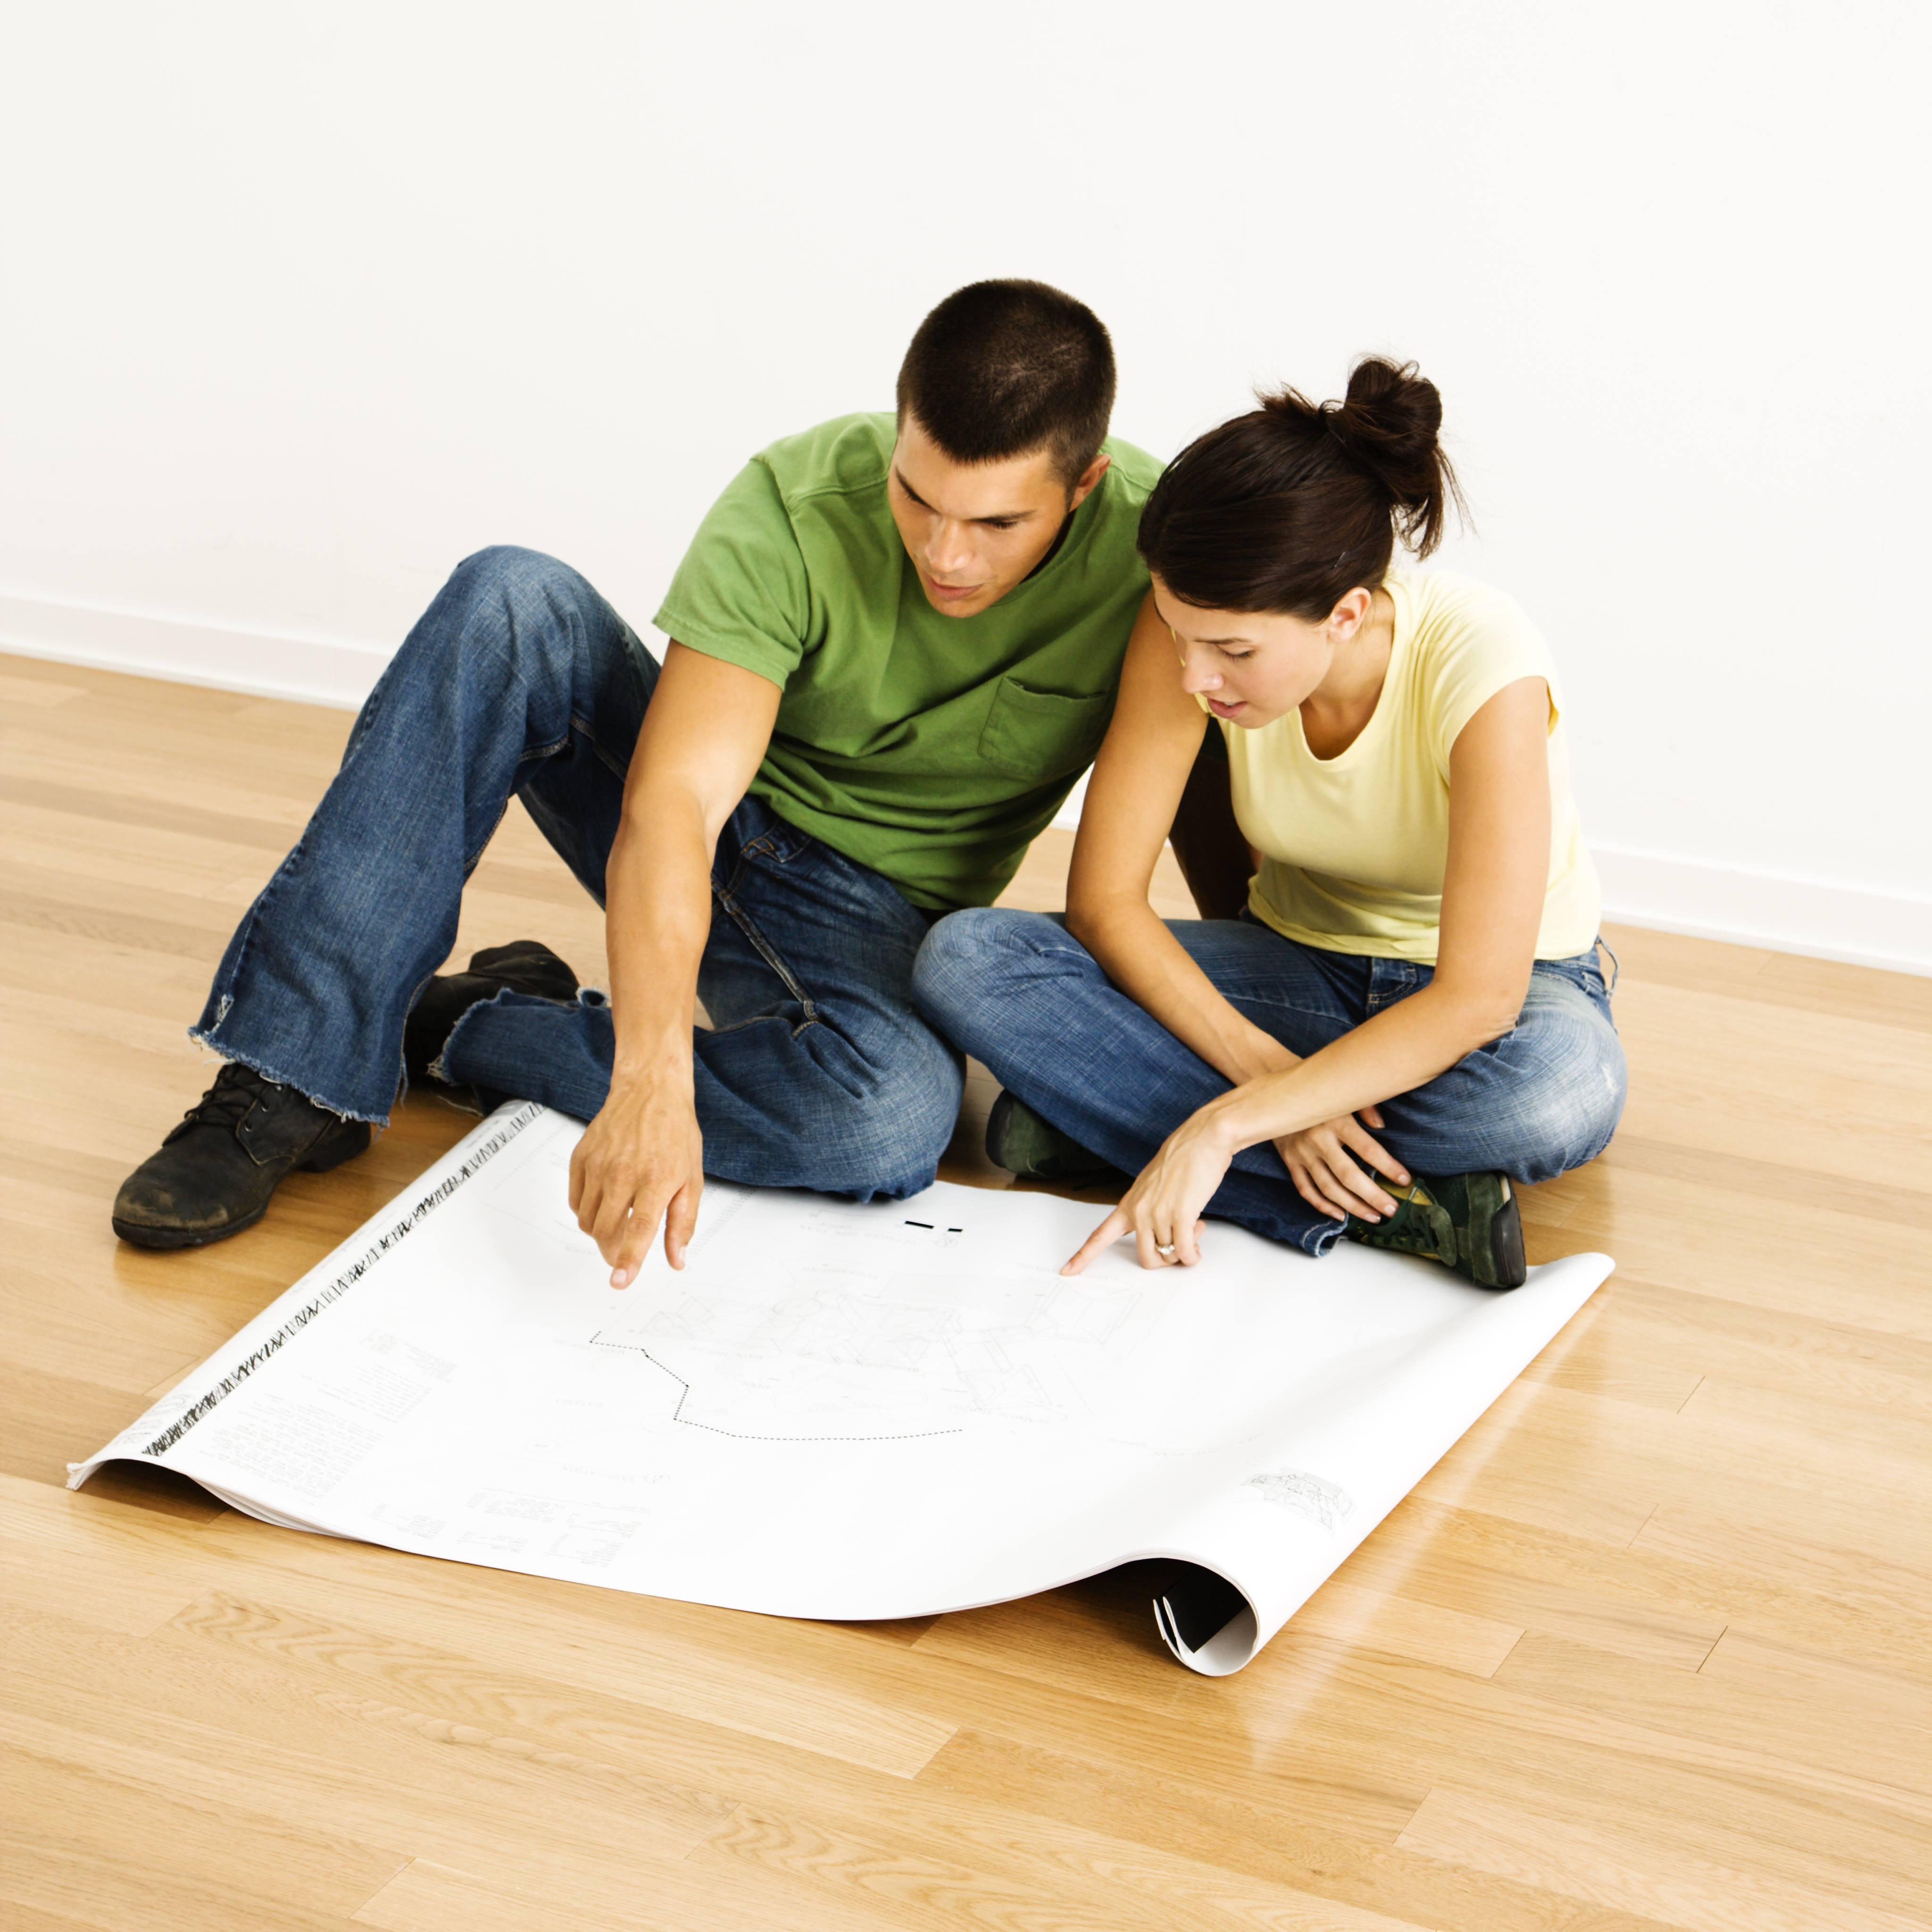 projet de rénovation par un couple